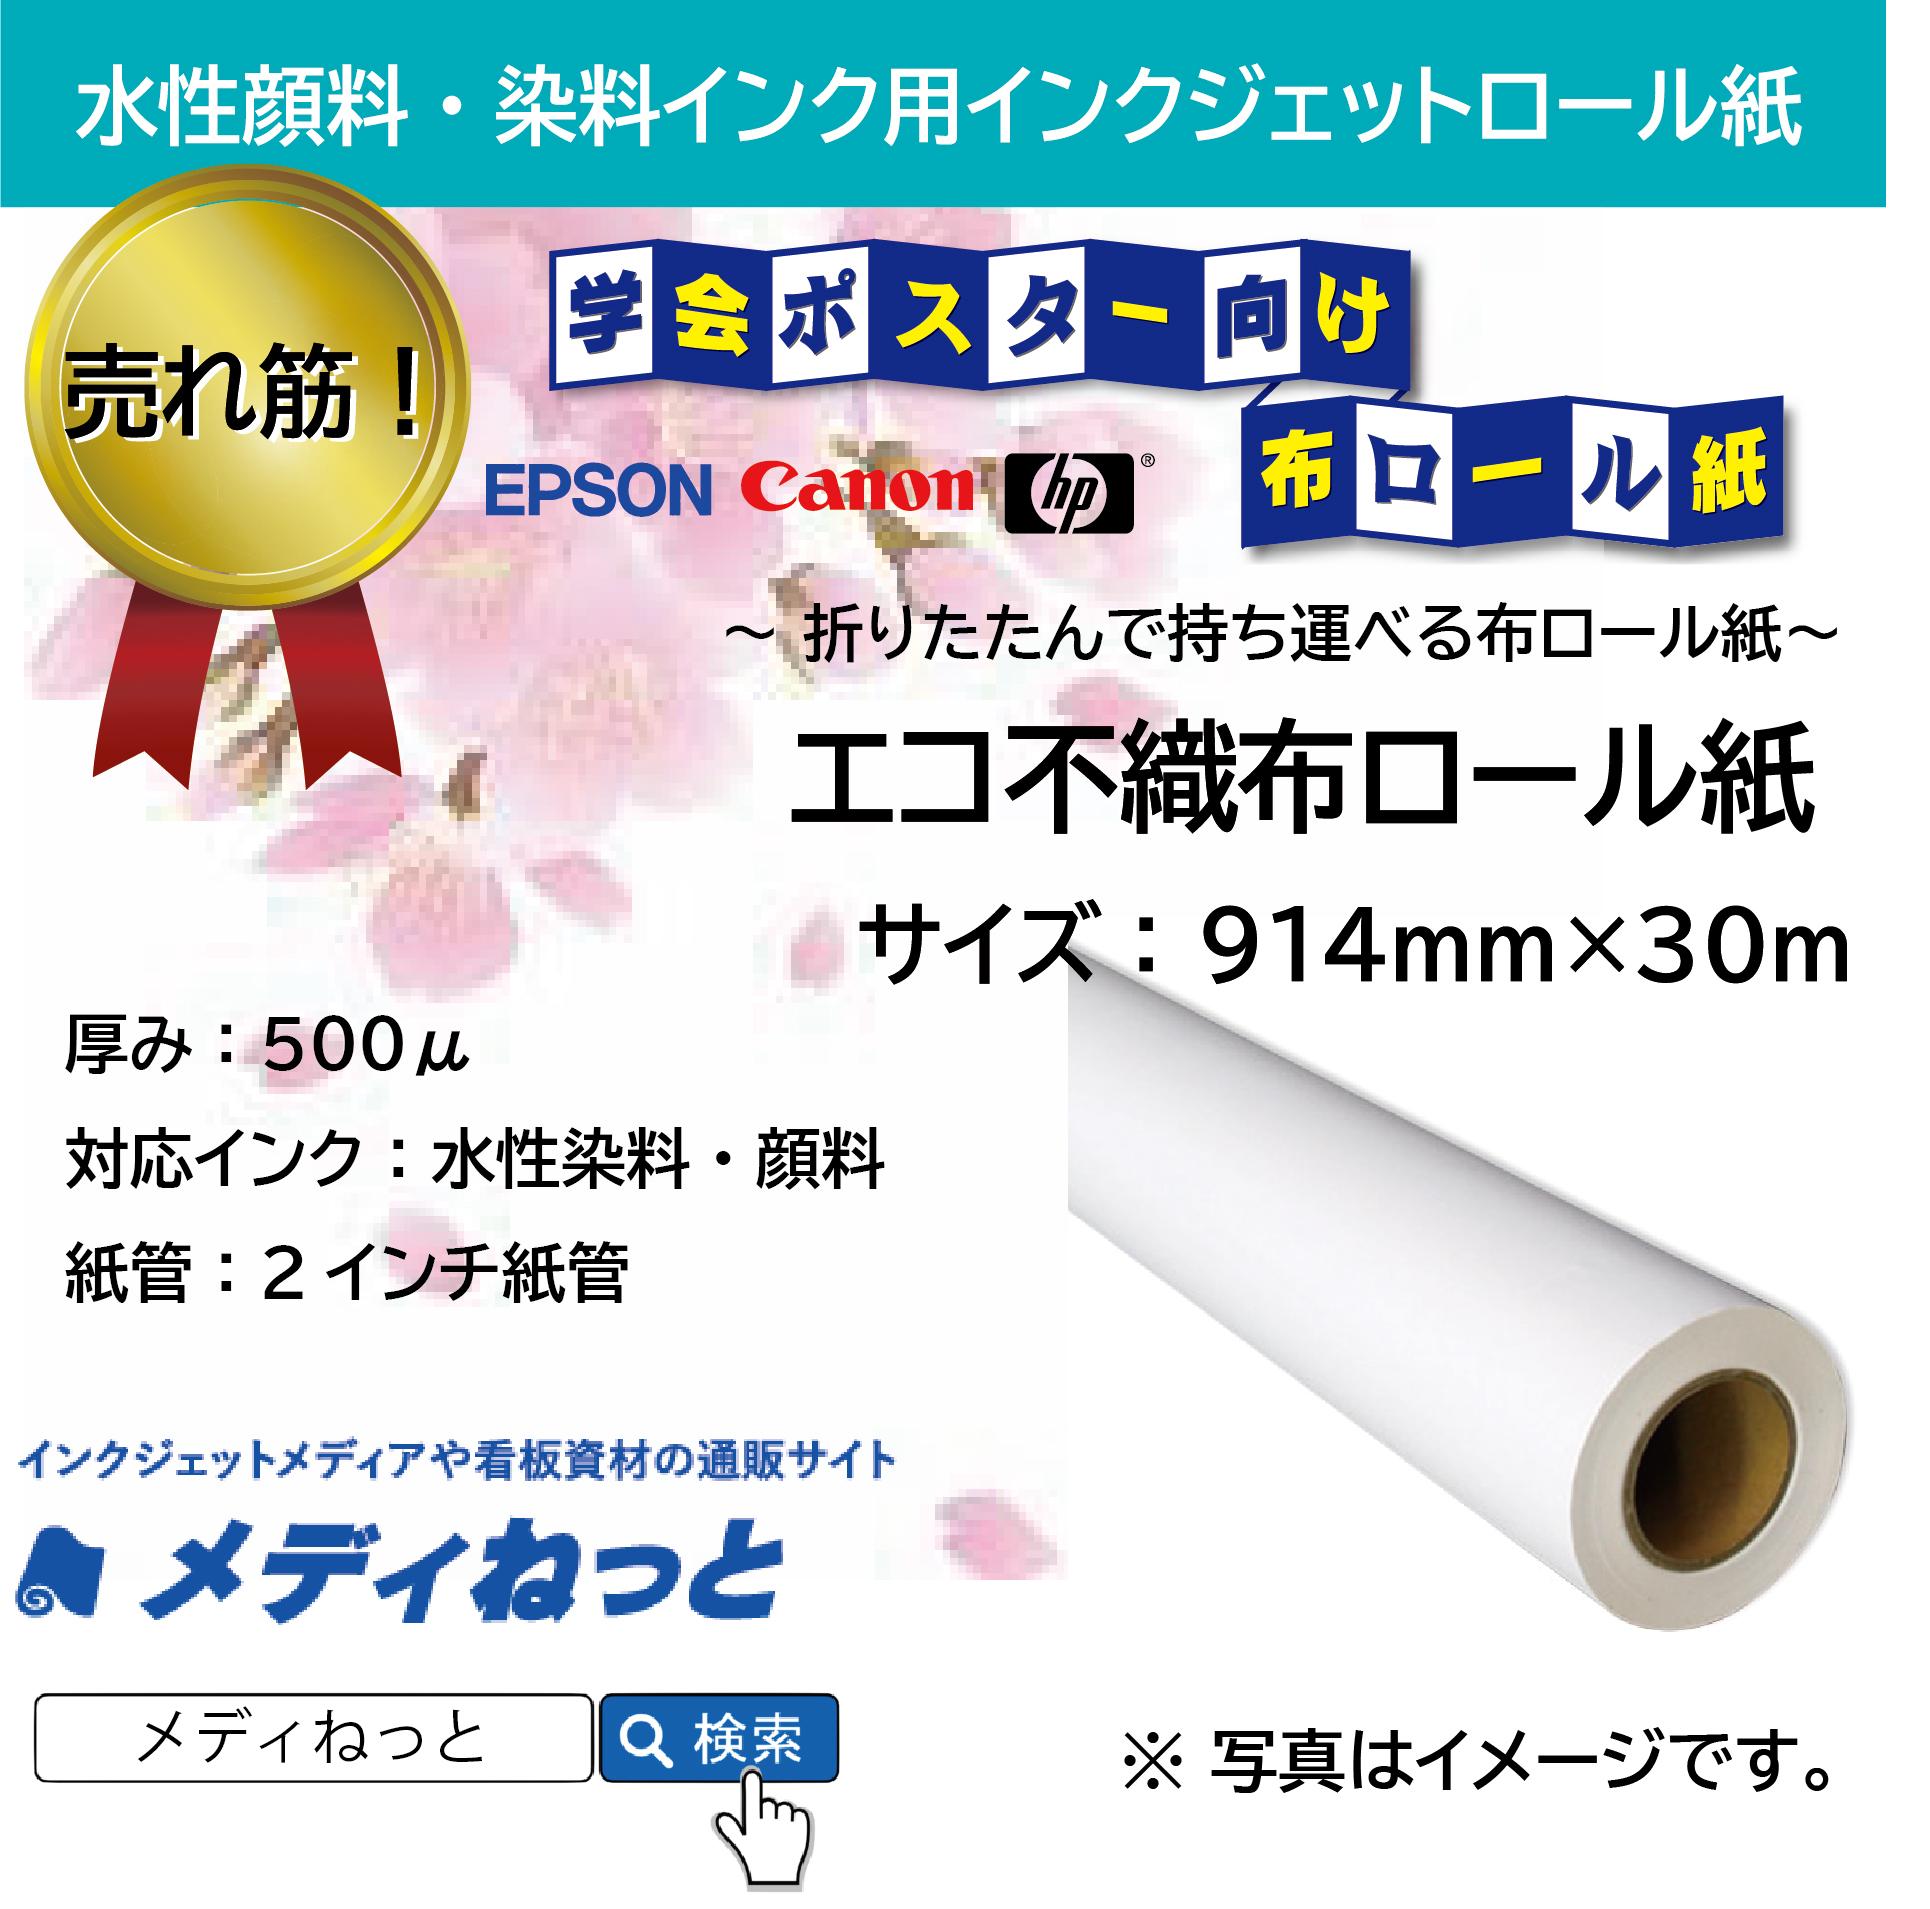 エコ不織布ロール紙 914mm×30m(水性インクジェット EPSON/Canon/HP対応)